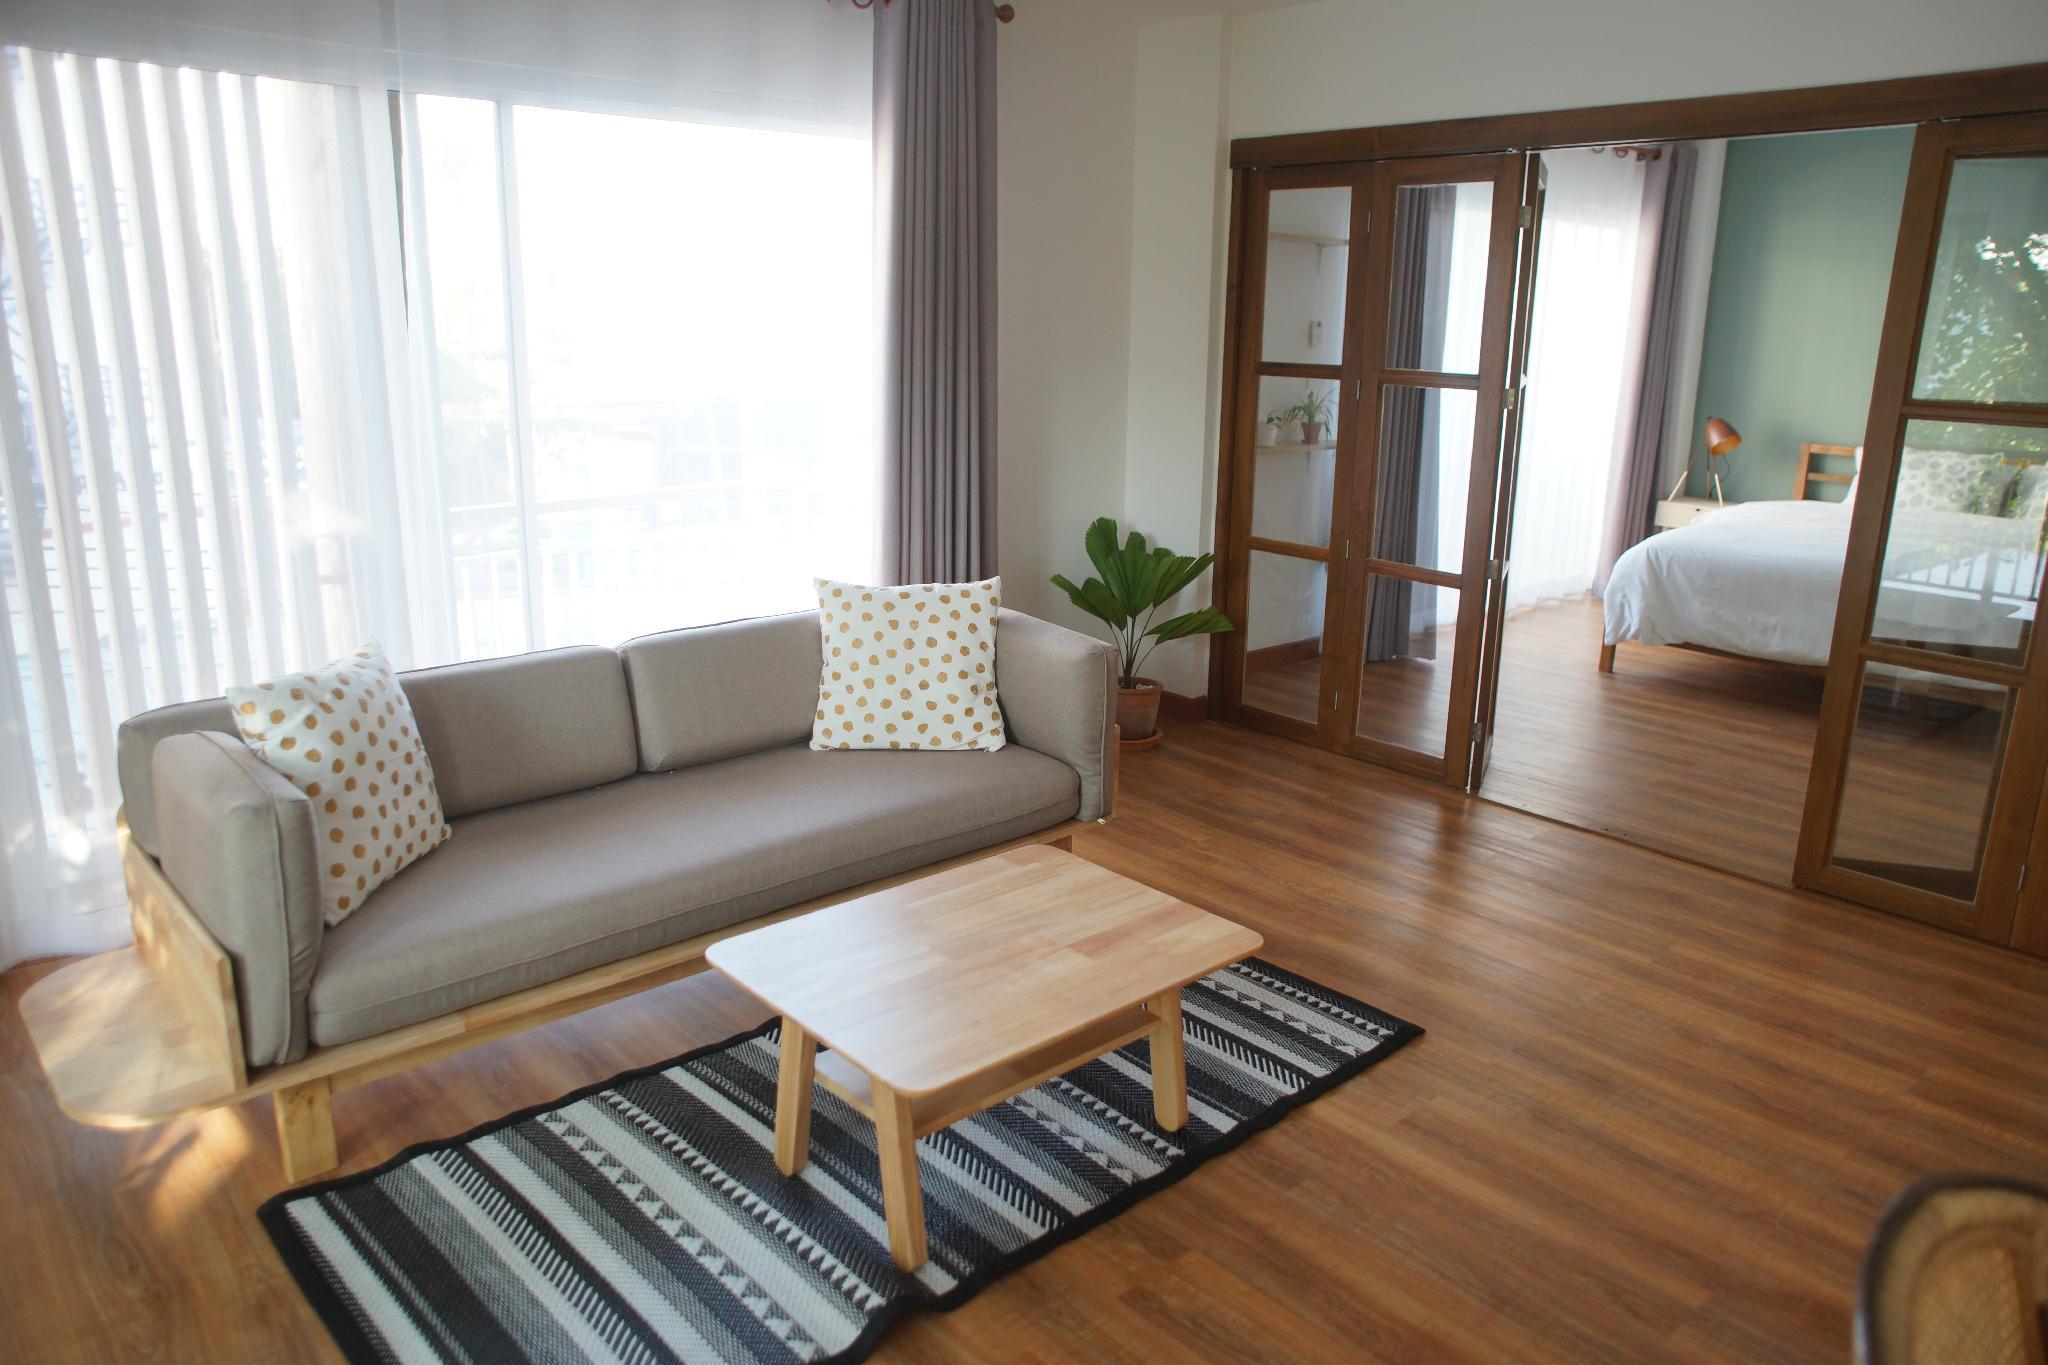 Breadfruit / One Bedroom Suite อพาร์ตเมนต์ 1 ห้องนอน 0 ห้องน้ำส่วนตัว ขนาด 42 ตร.ม. – นิมมานเหมินทร์